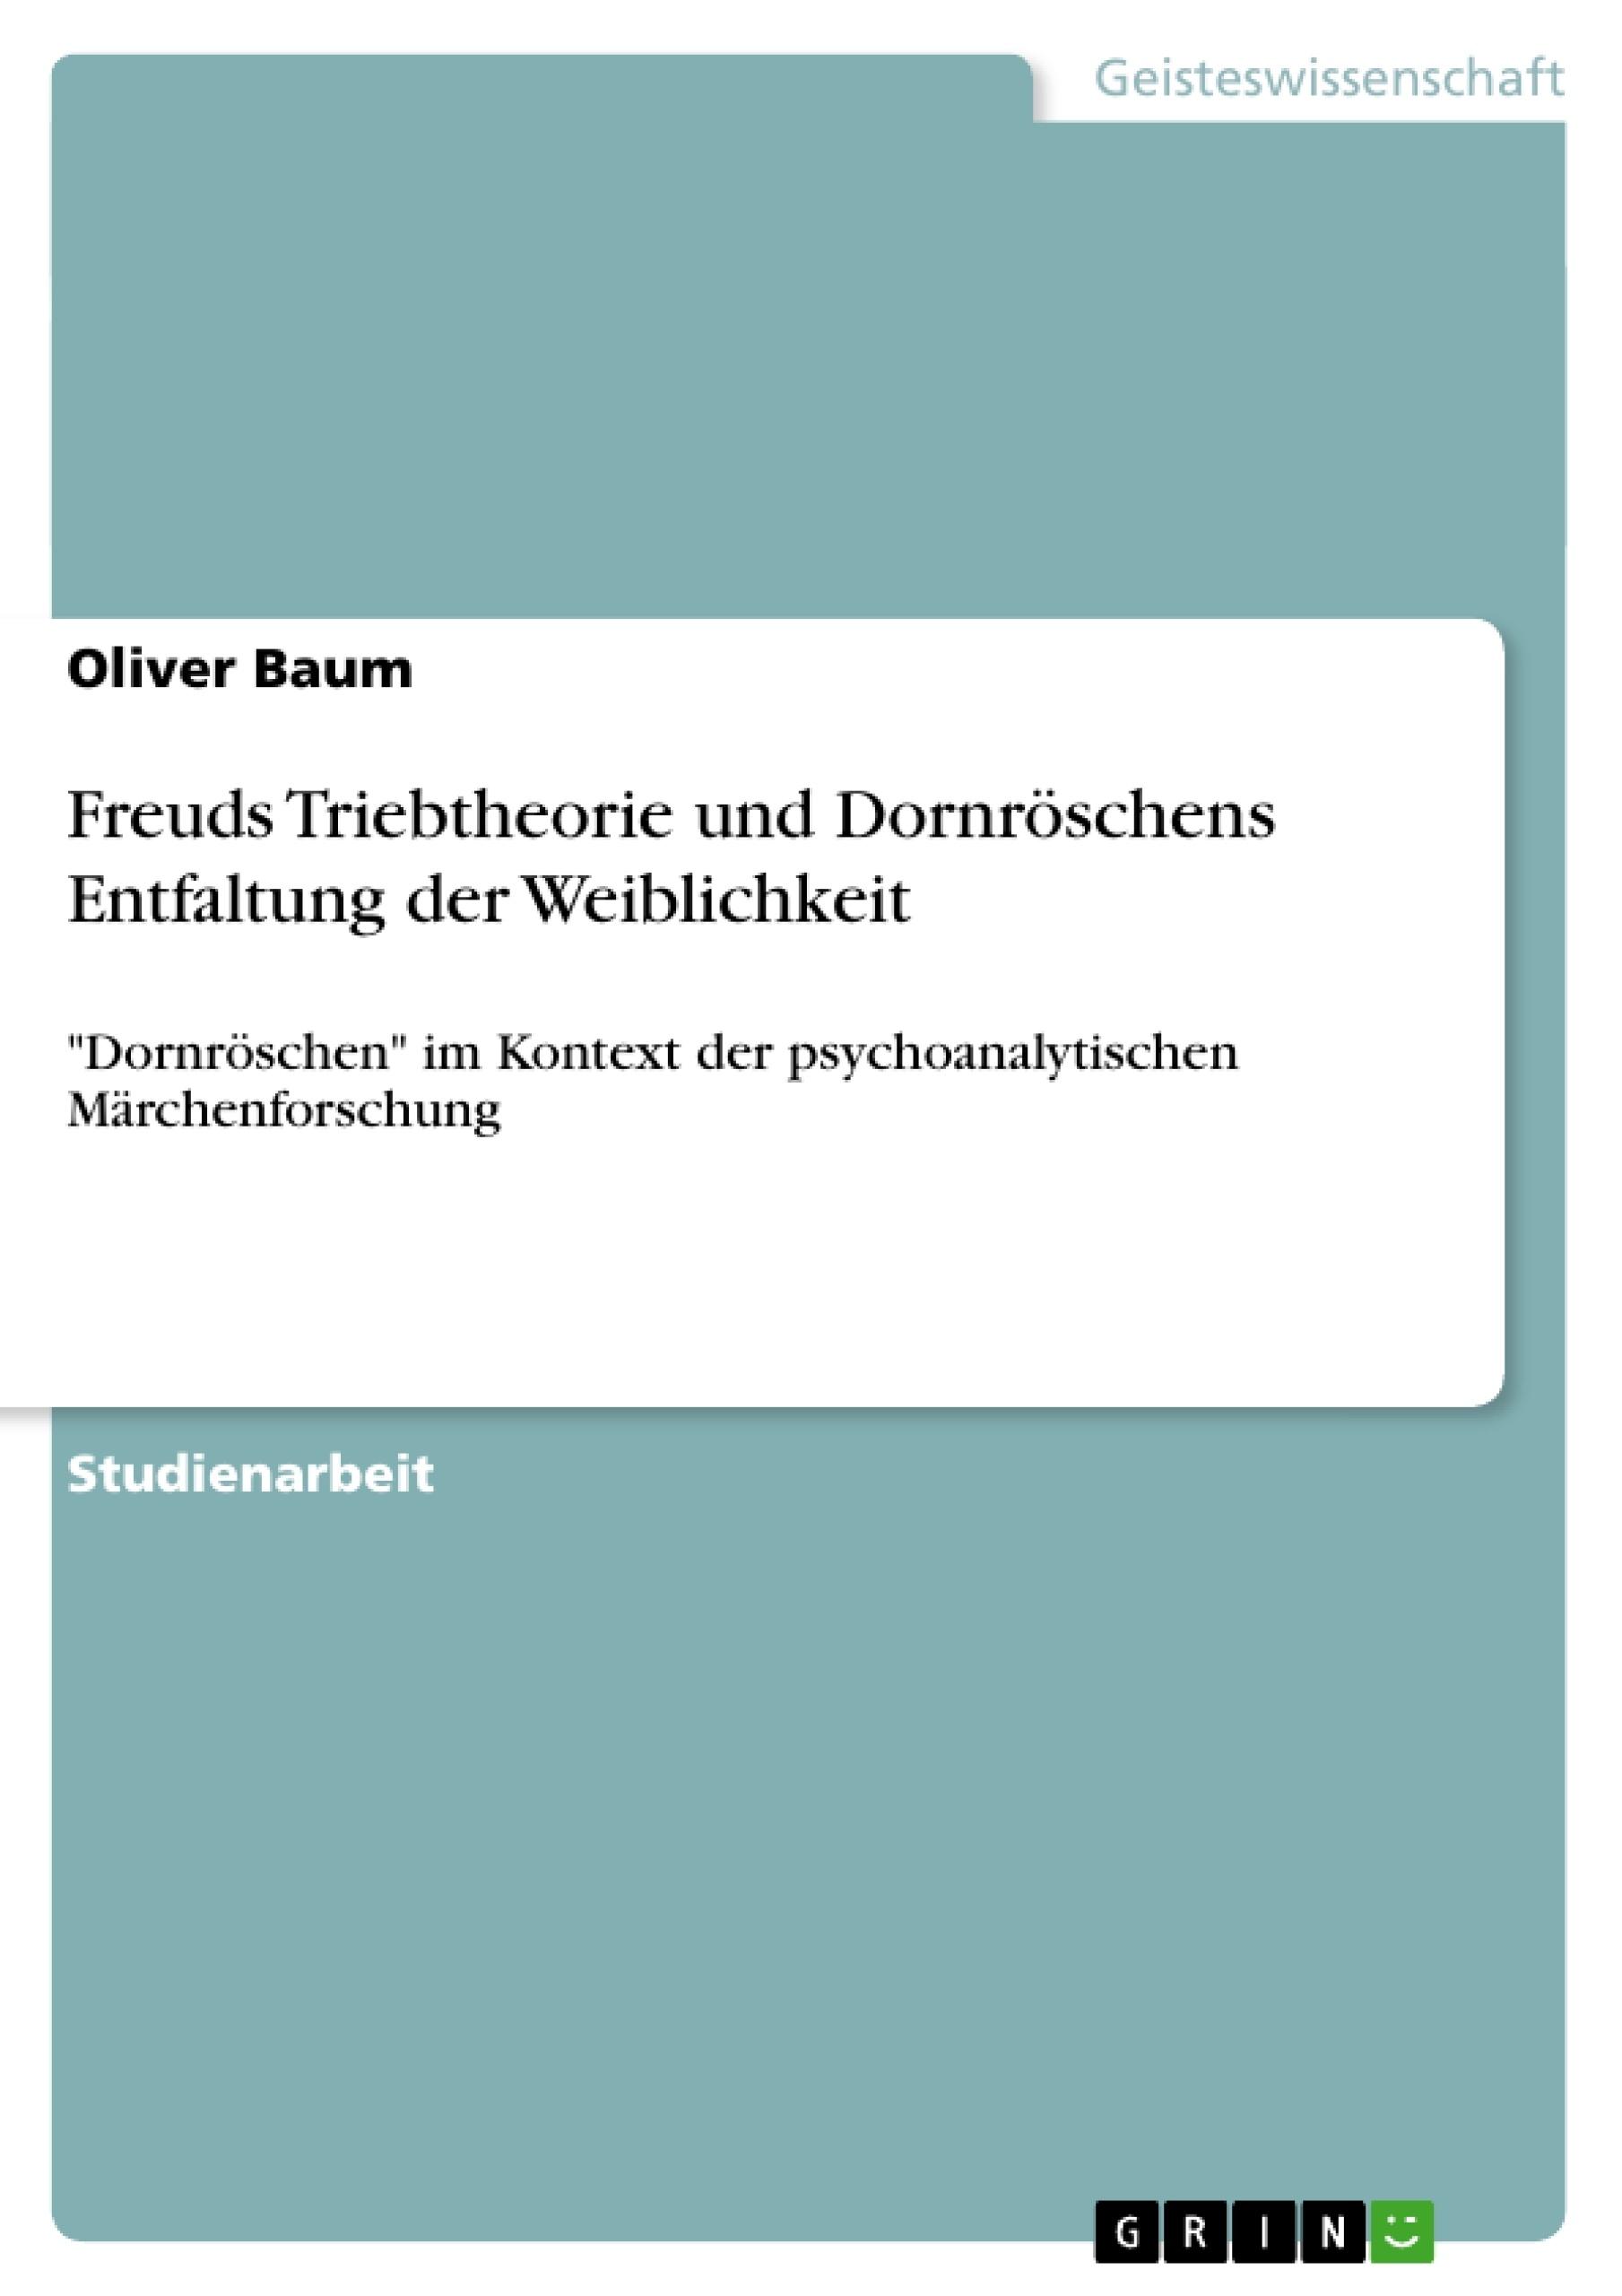 Titel: Freuds Triebtheorie und Dornröschens Entfaltung der Weiblichkeit